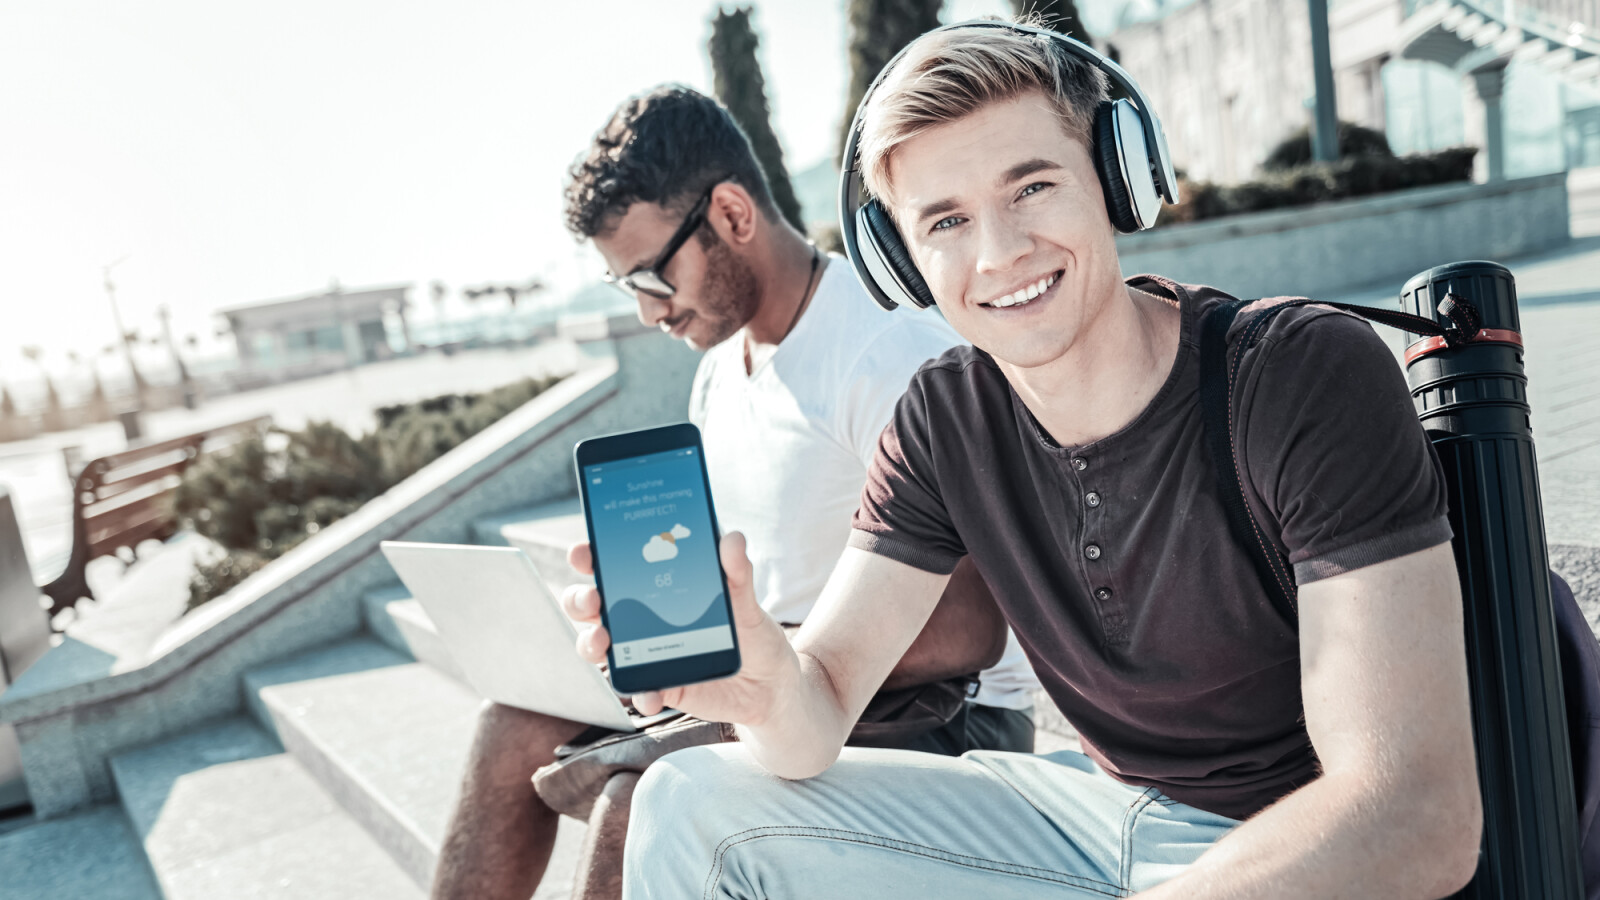 Statt 4,99 Euro heute gratis: Diese App kann wirklich jeder gebrauchen - NETZWELT